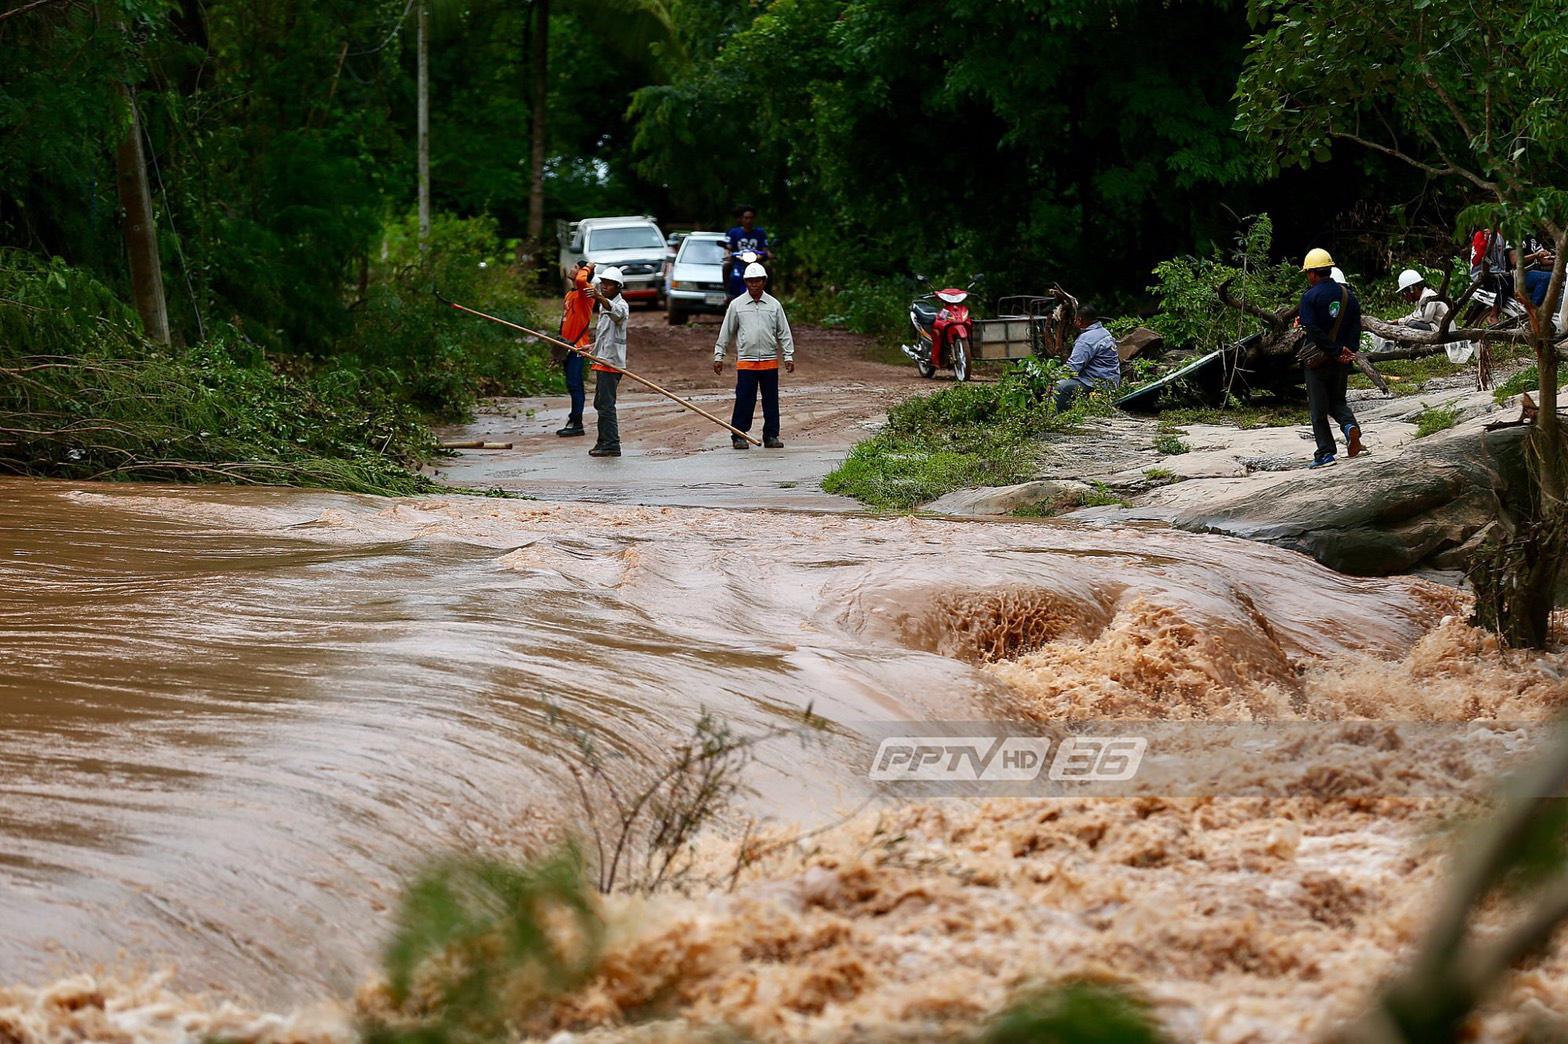 """ทหารช่วย 65ชีวิต""""บ้านไทยสามัคคี"""" โคราช น้ำท่วมใหญ่รอบ 30ปี"""